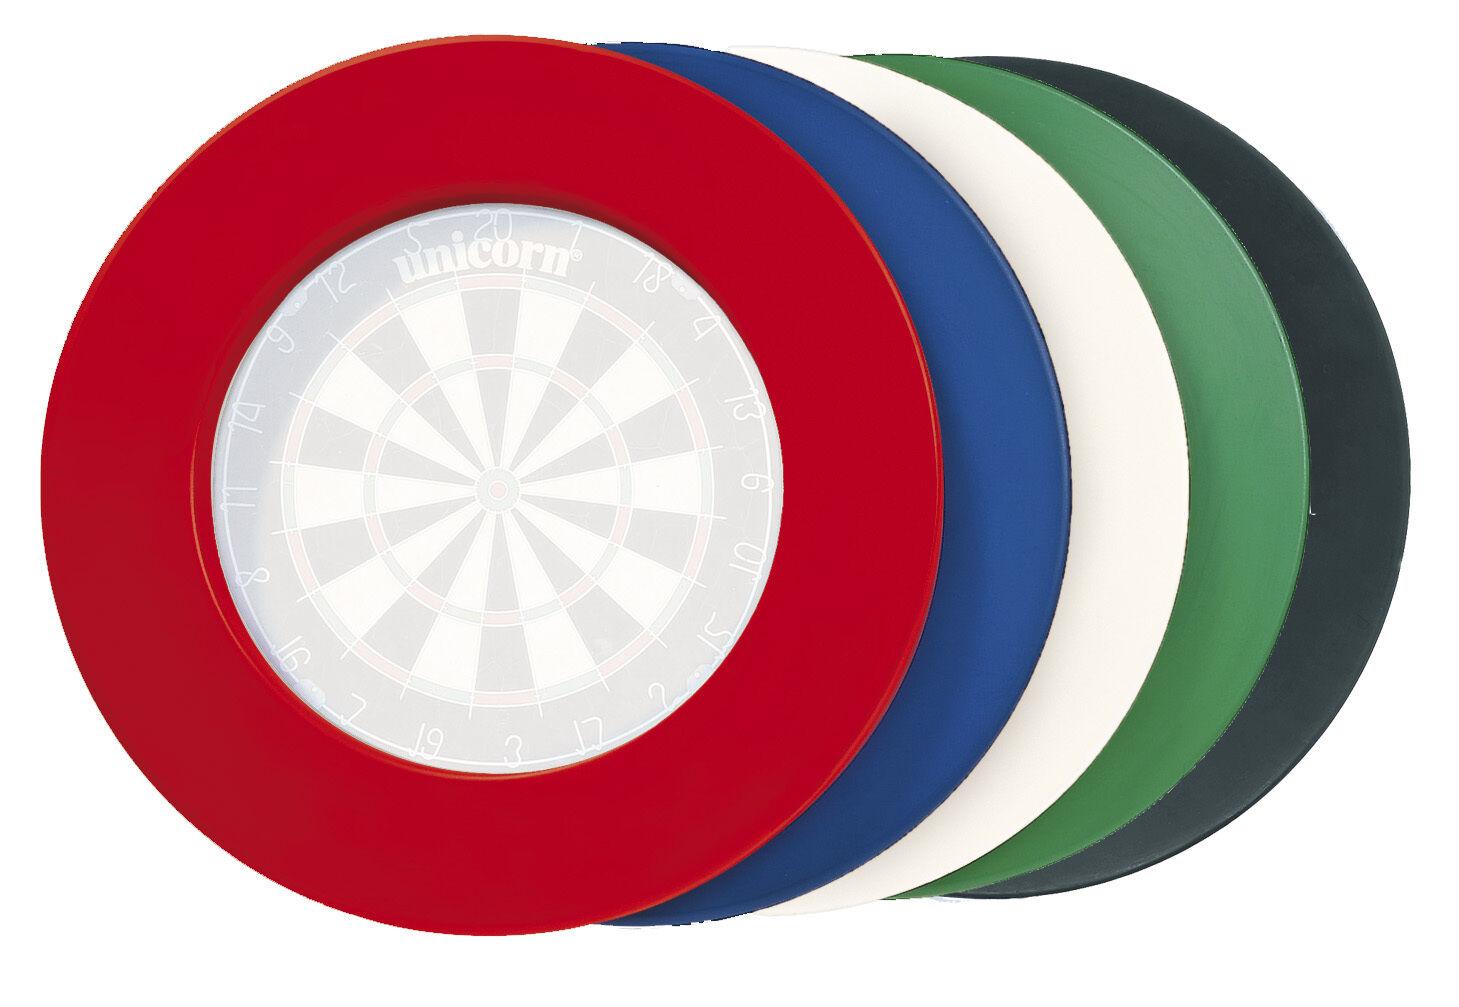 Unicorn Darts Professional Dartboard Surround Heavy Duty For Full Size Board